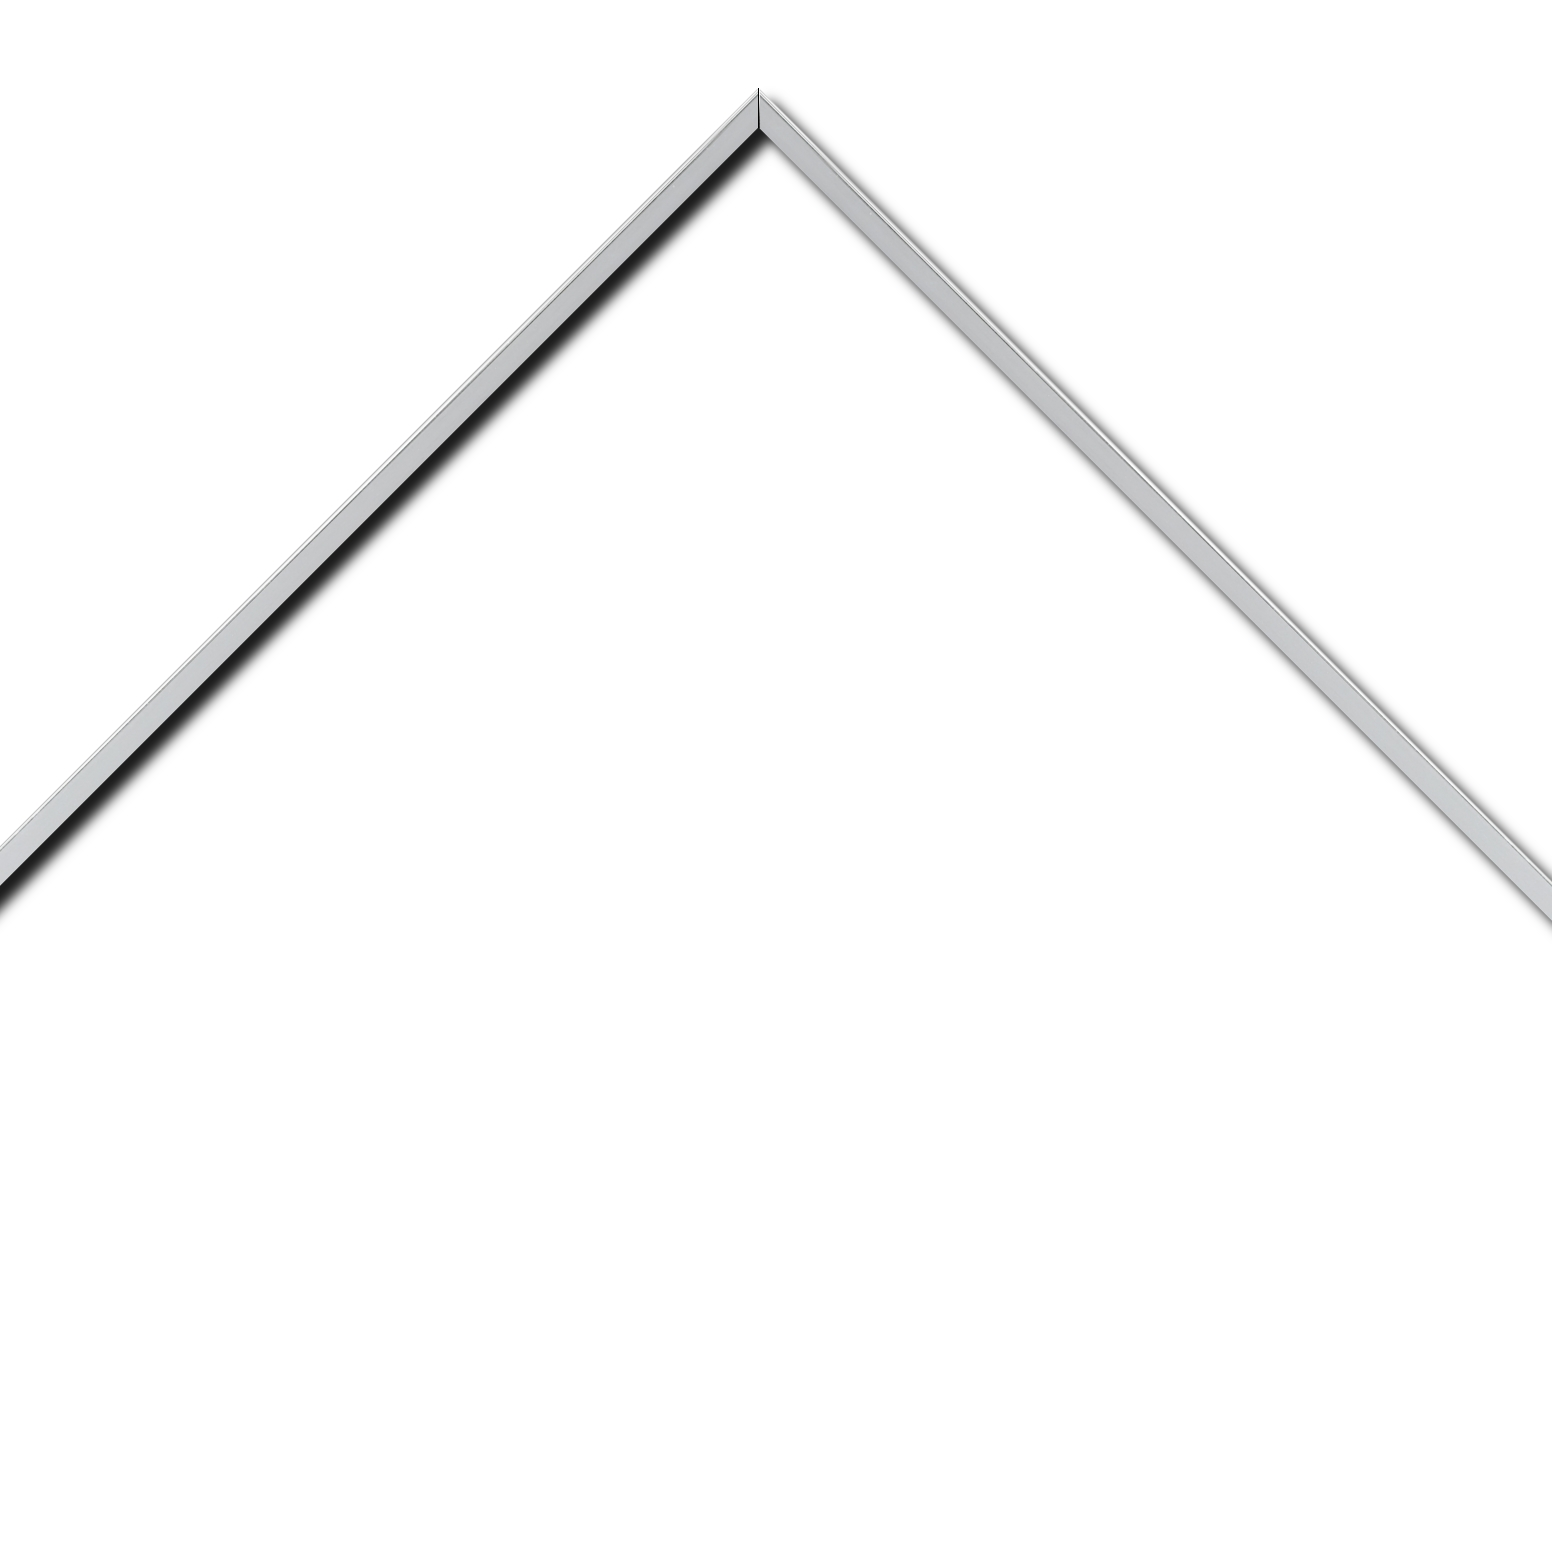 Baguette aluminium profil plat largeur 7mm, couleur argent poli ,(le sujet qui sera glissé dans le cadre sera en retrait de 9mm de la face du cadre assurant un effet très contemporain) mise en place du sujet rapide et simple: il faut enlever les ressorts qui permet de pousser le sujet vers l'avant du cadre et ensuite à l'aide d'un tournevis plat dévisser un coté du cadre tenu par une équerre à vis à chaque angle afin de pouvoir glisser le sujet dans celui-ci et ensuite revisser le coté  (encadrement livré monté prêt à l'emploi )